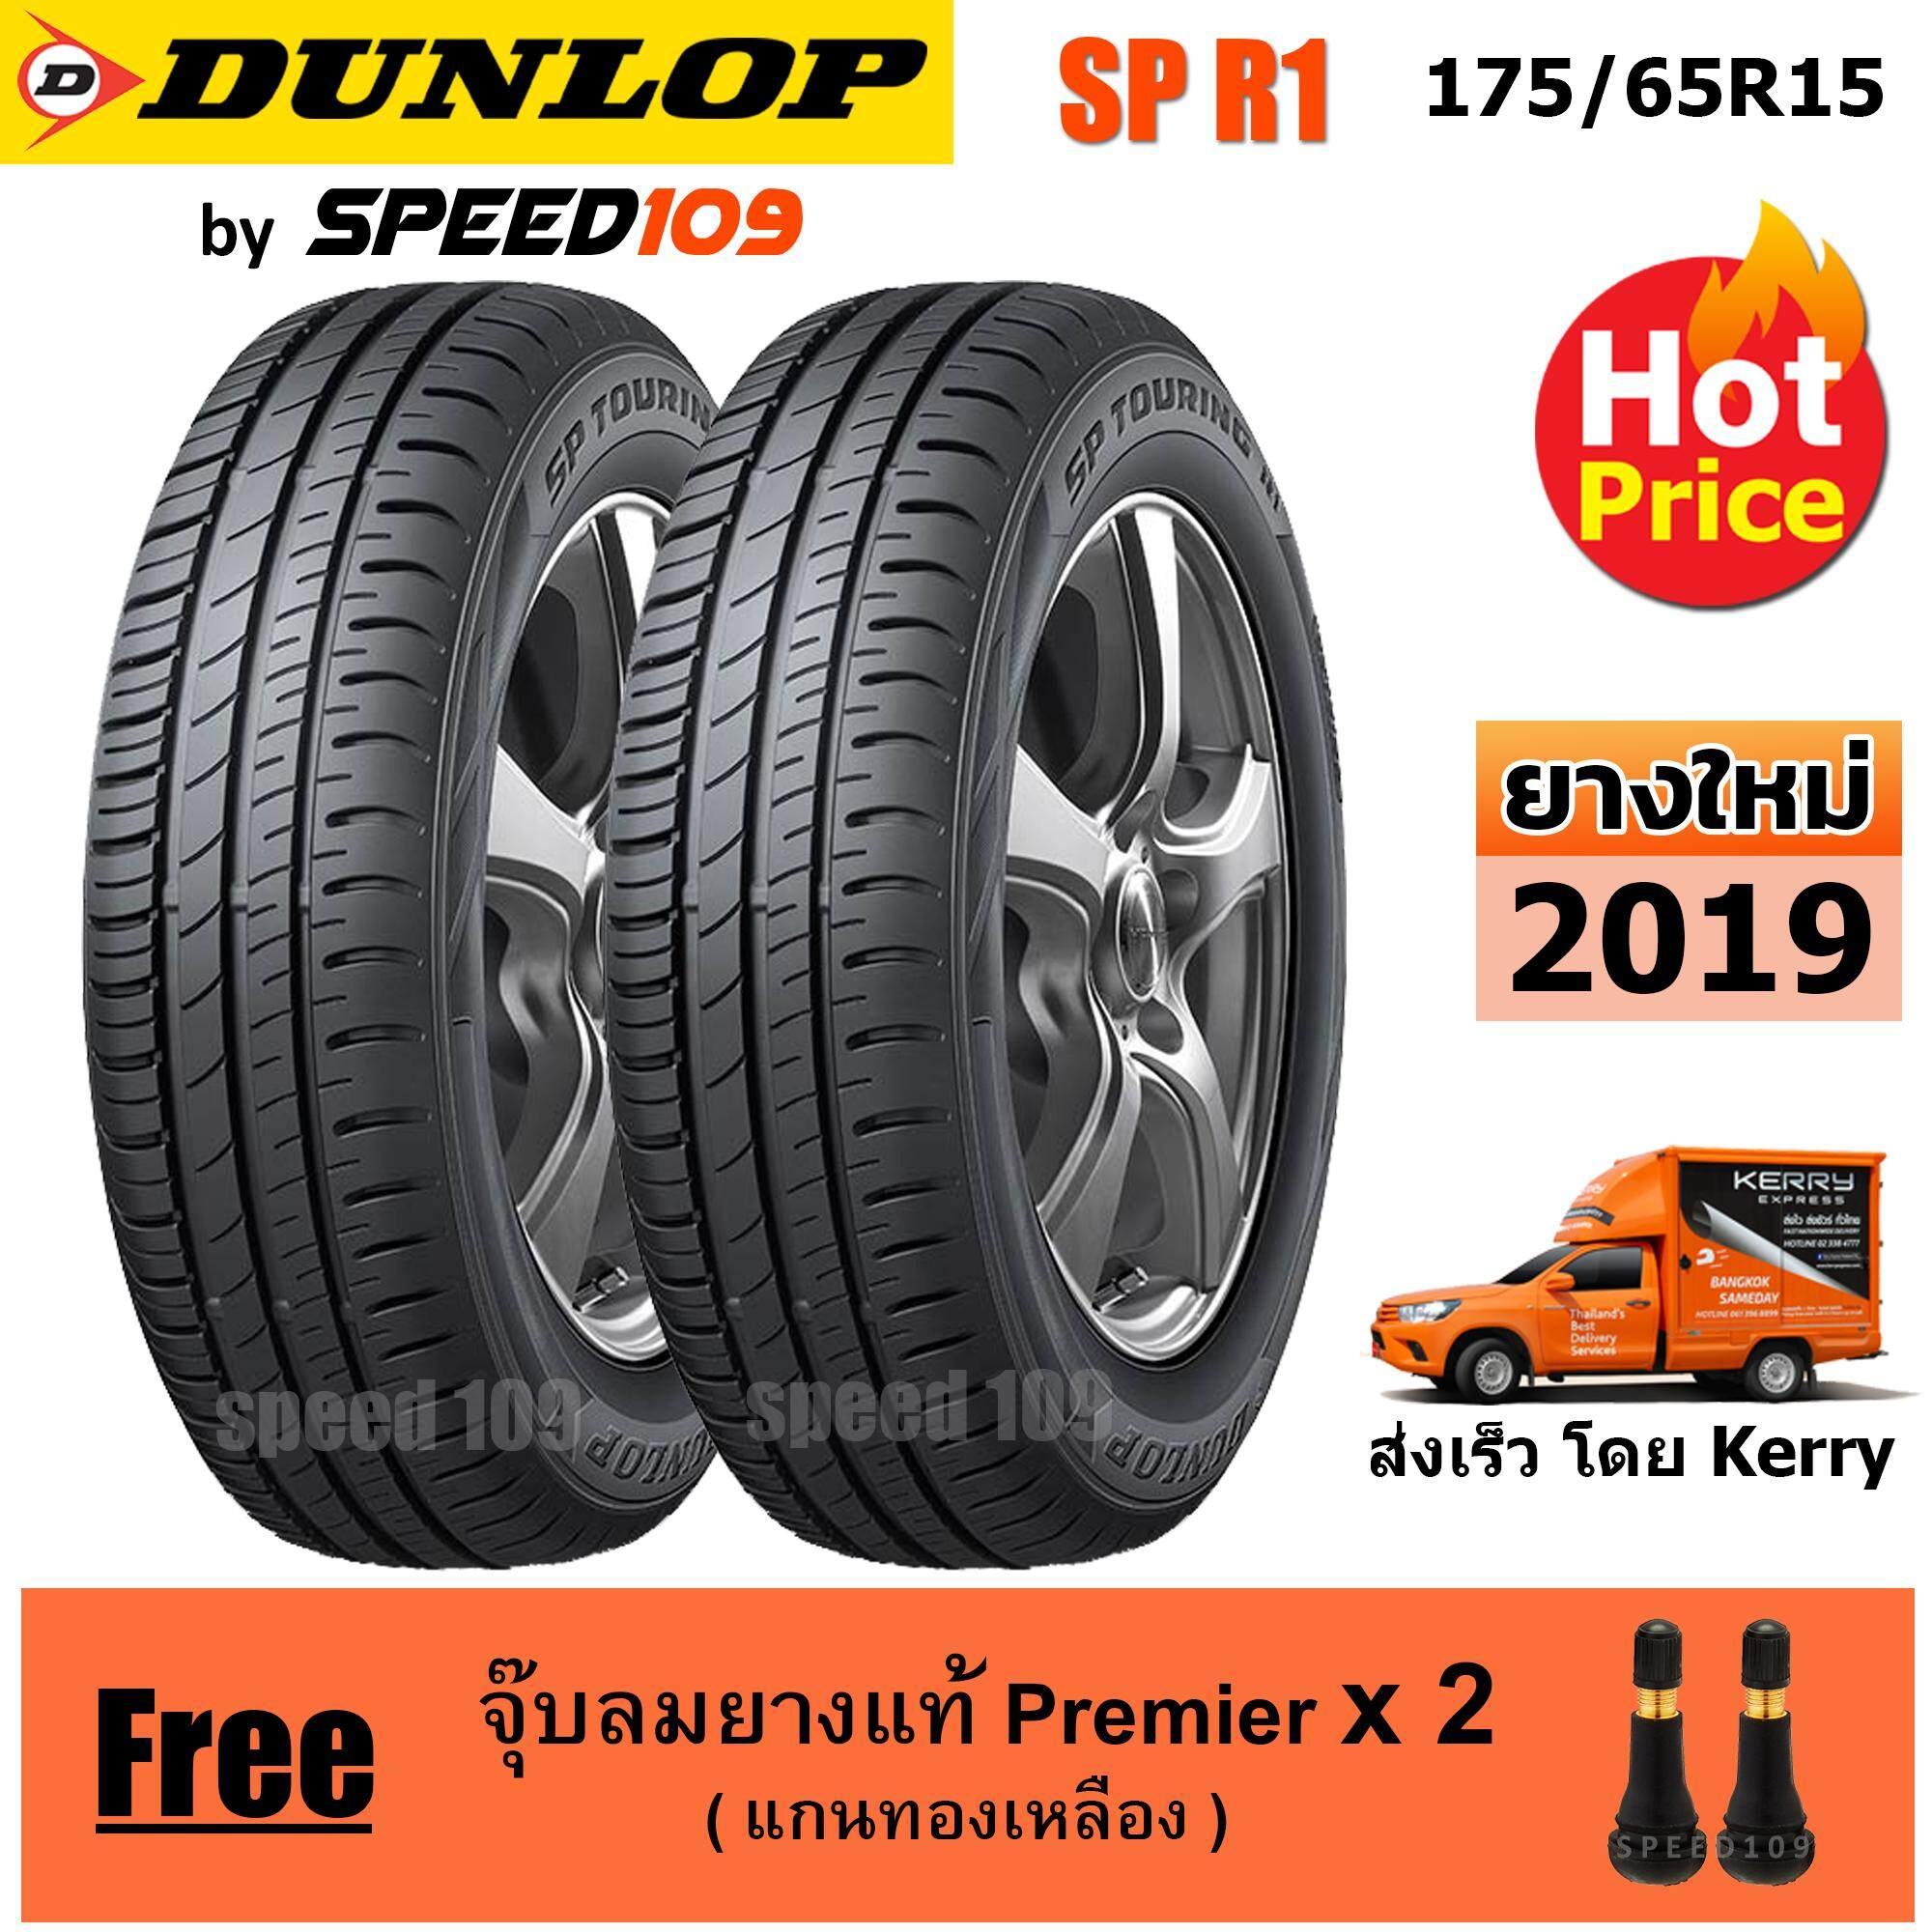 ประกันภัย รถยนต์ 2+ ตราด DUNLOP ยางรถยนต์ ขอบ 15 ขนาด 175/65R15 รุ่น SP TOURING R1 - 2 เส้น (ปี 2019)